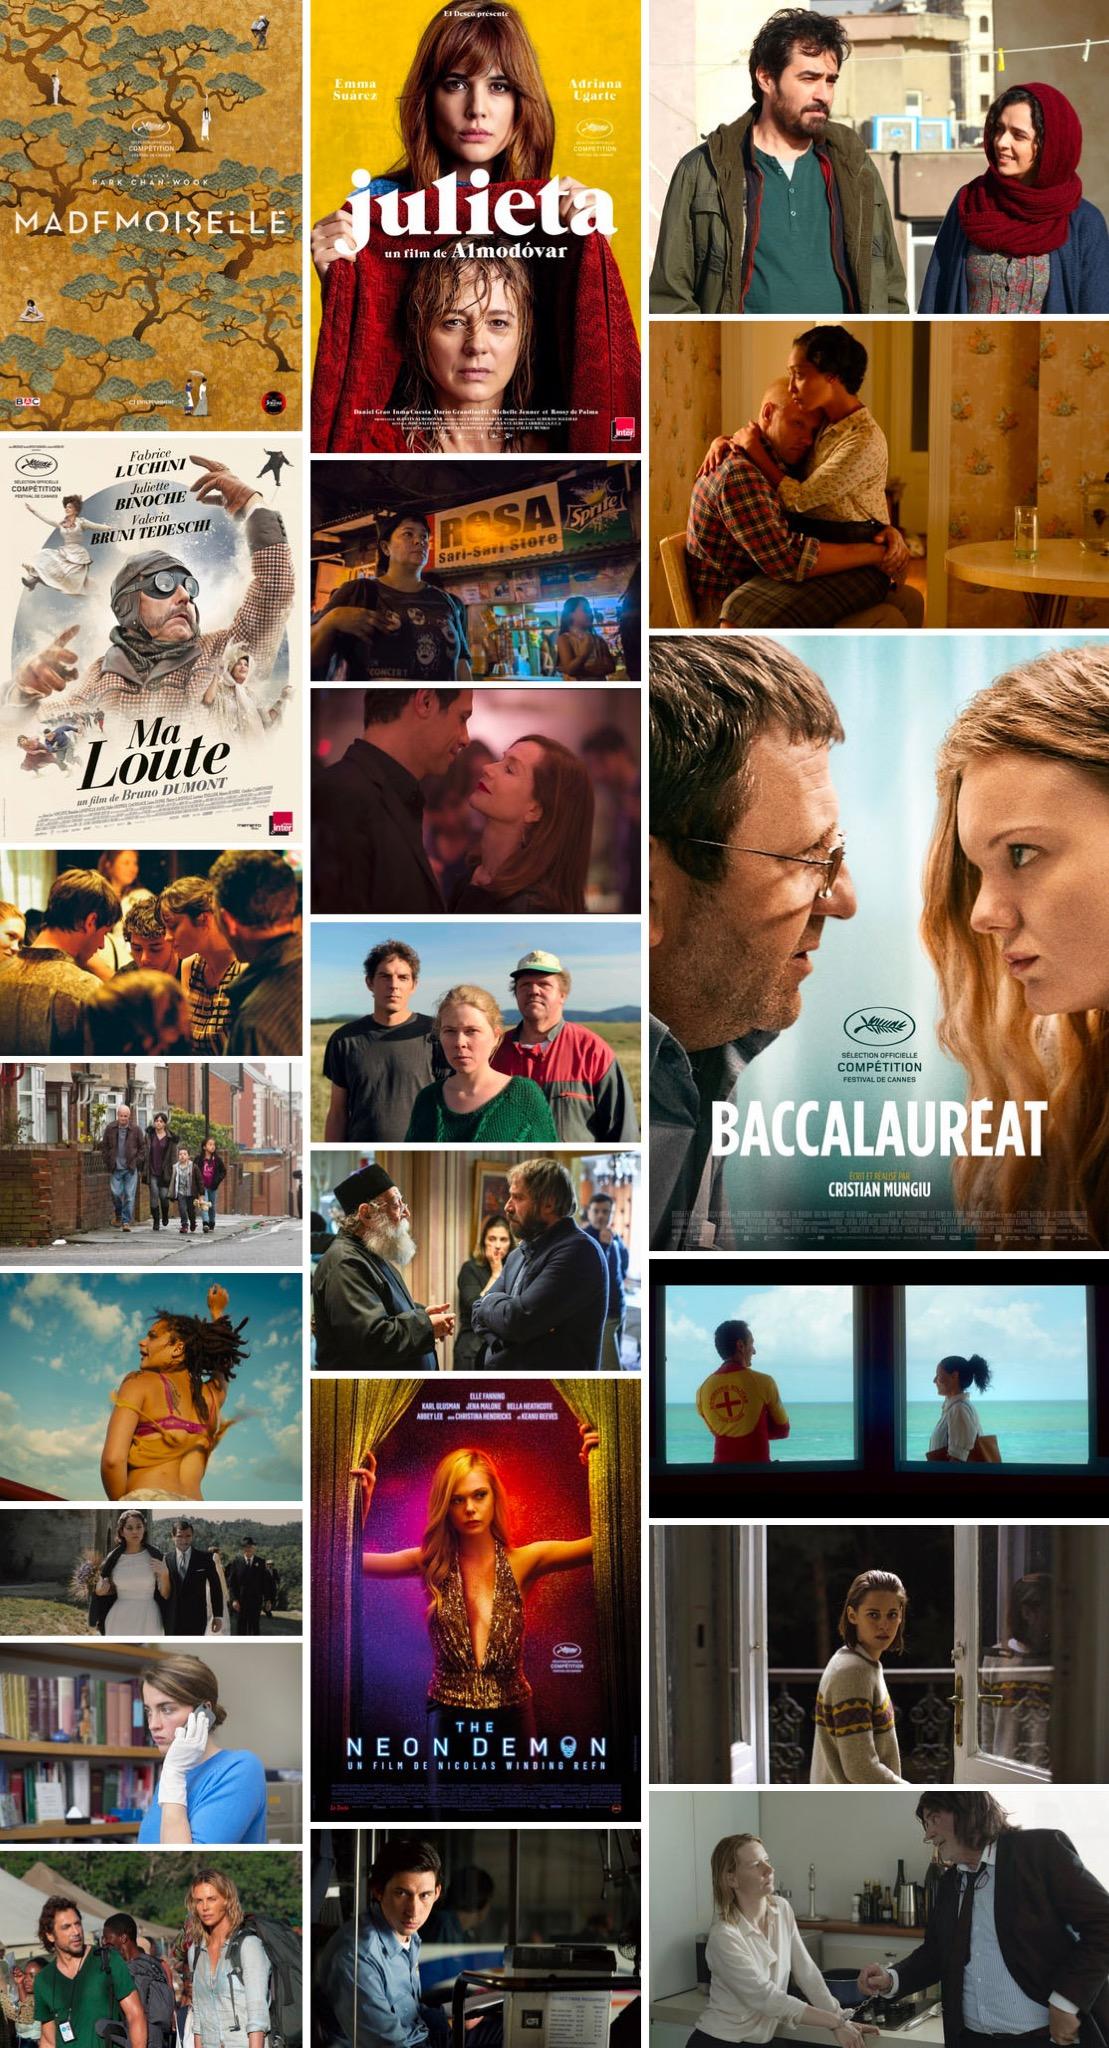 festival de cannes 2016 - films competition officielle